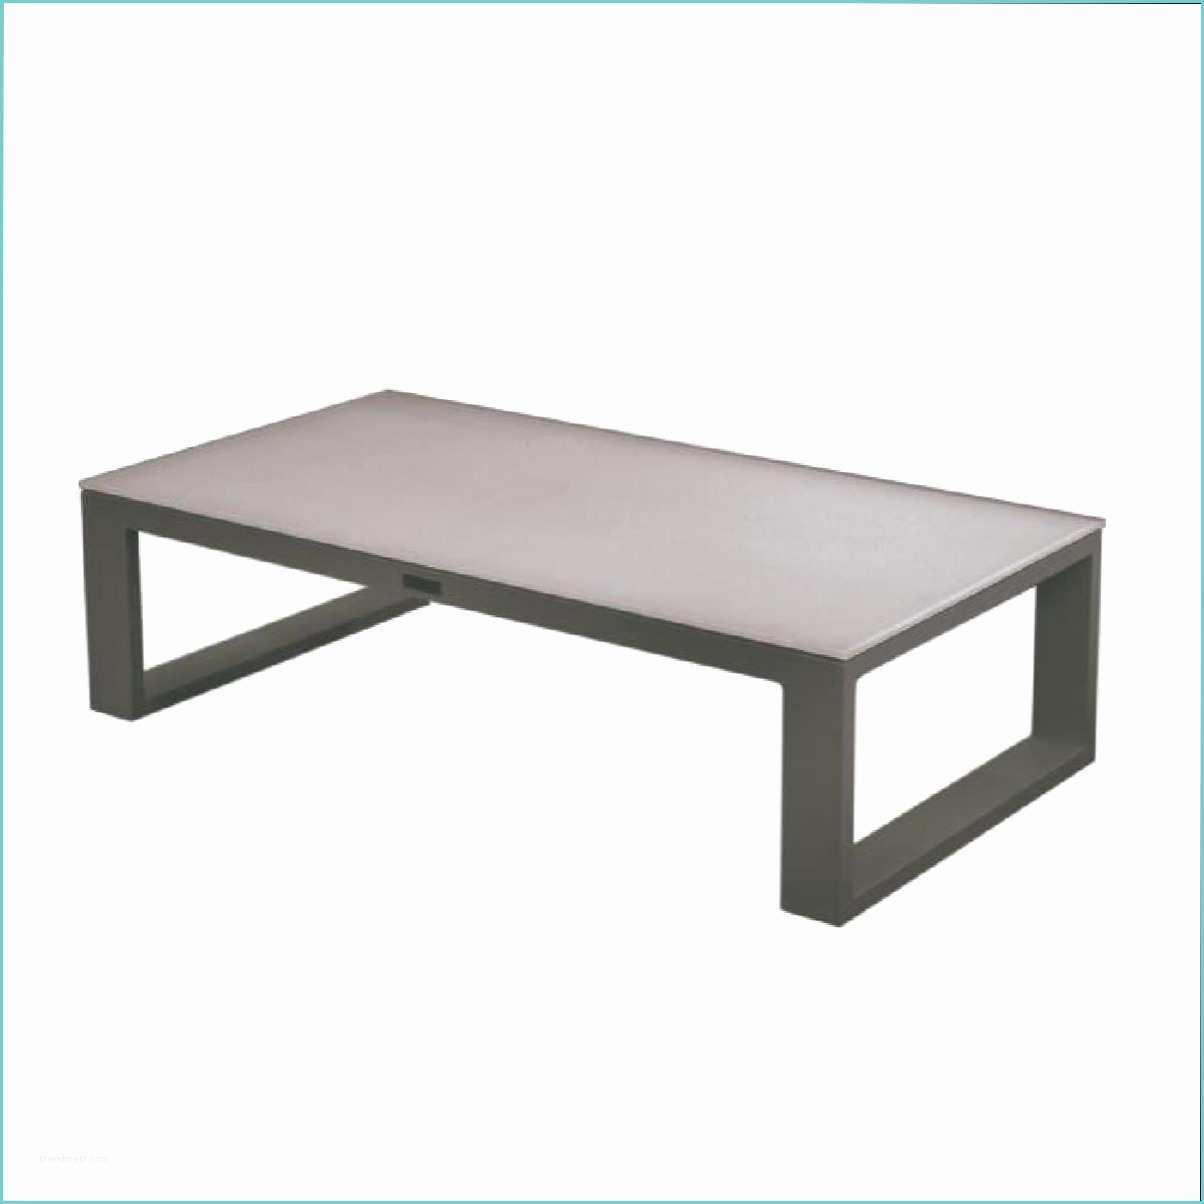 Table Basse orientale Pas Cher Table Basse Bois Jardin Pas